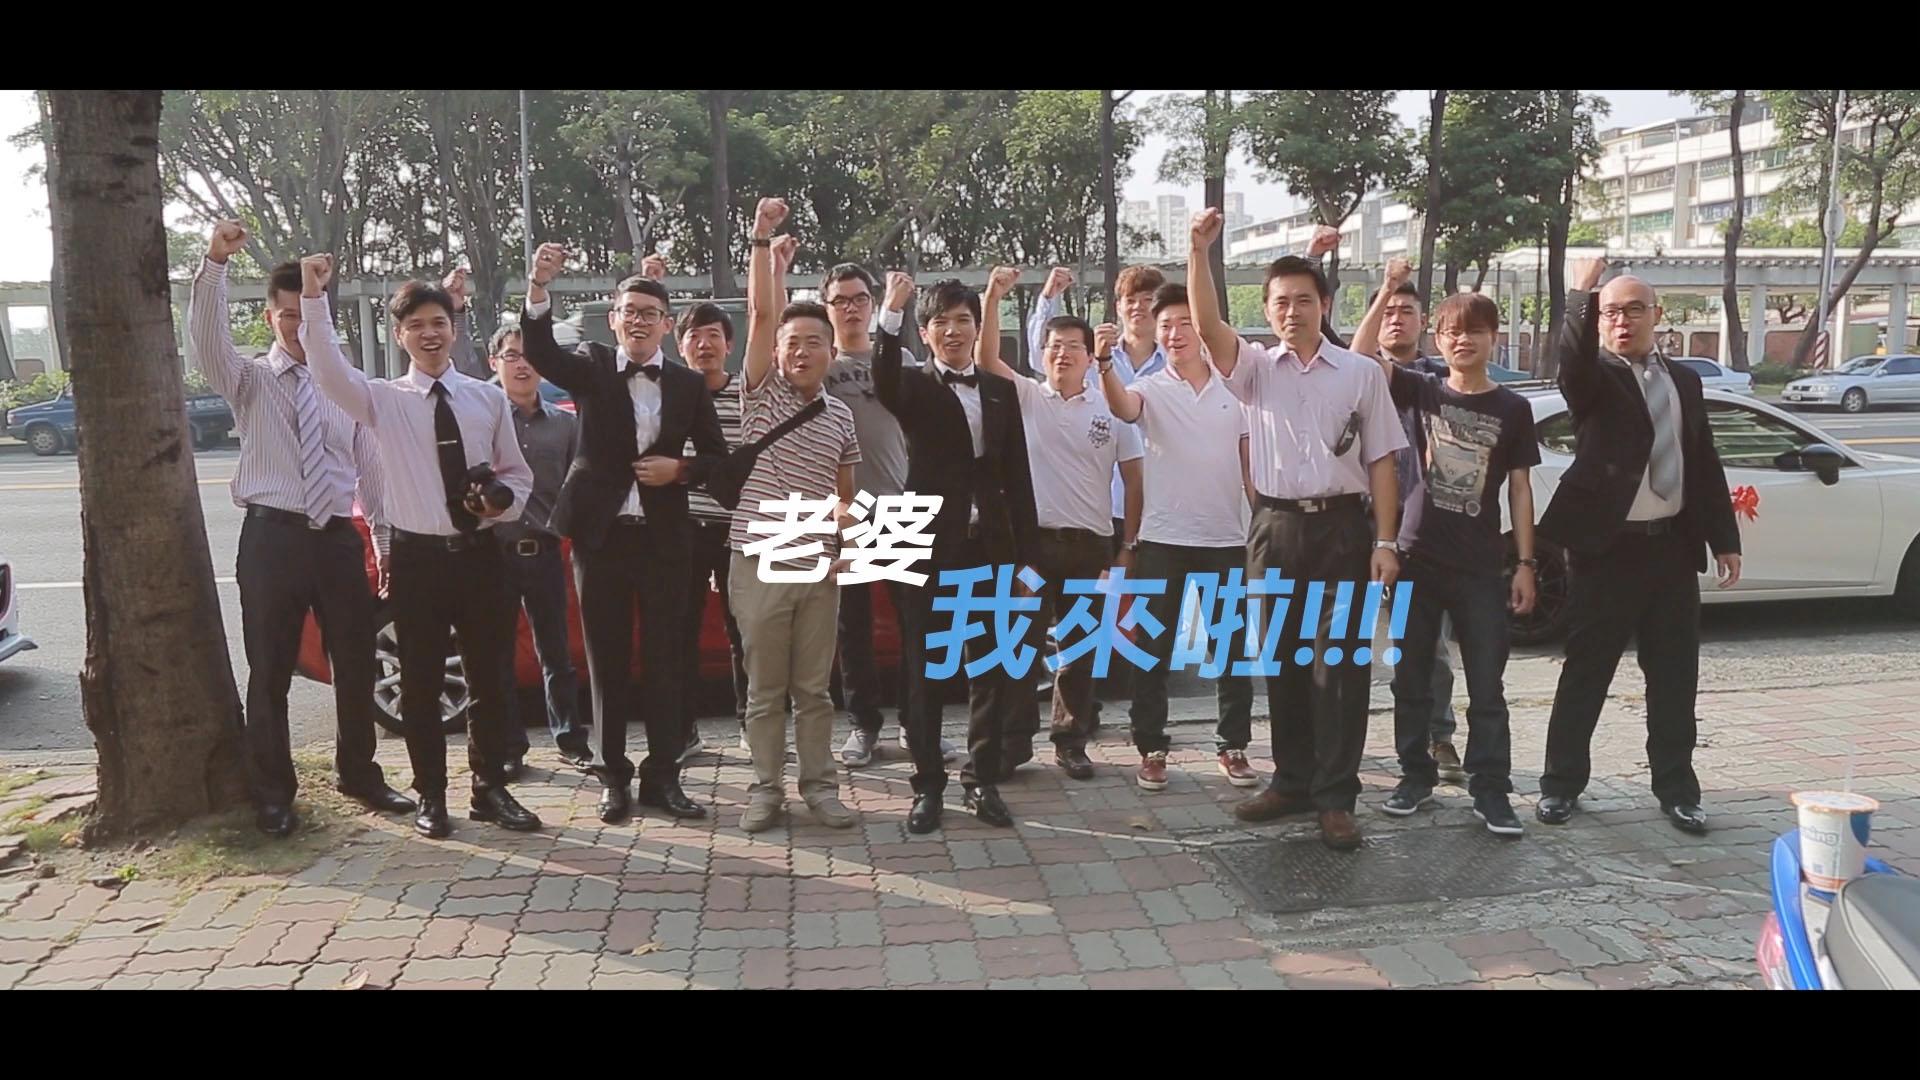 高雄結婚錄影 104.11.07安裕和妍霓迎娶晚宴SDE快播快剪  高雄婚錄動堂堂